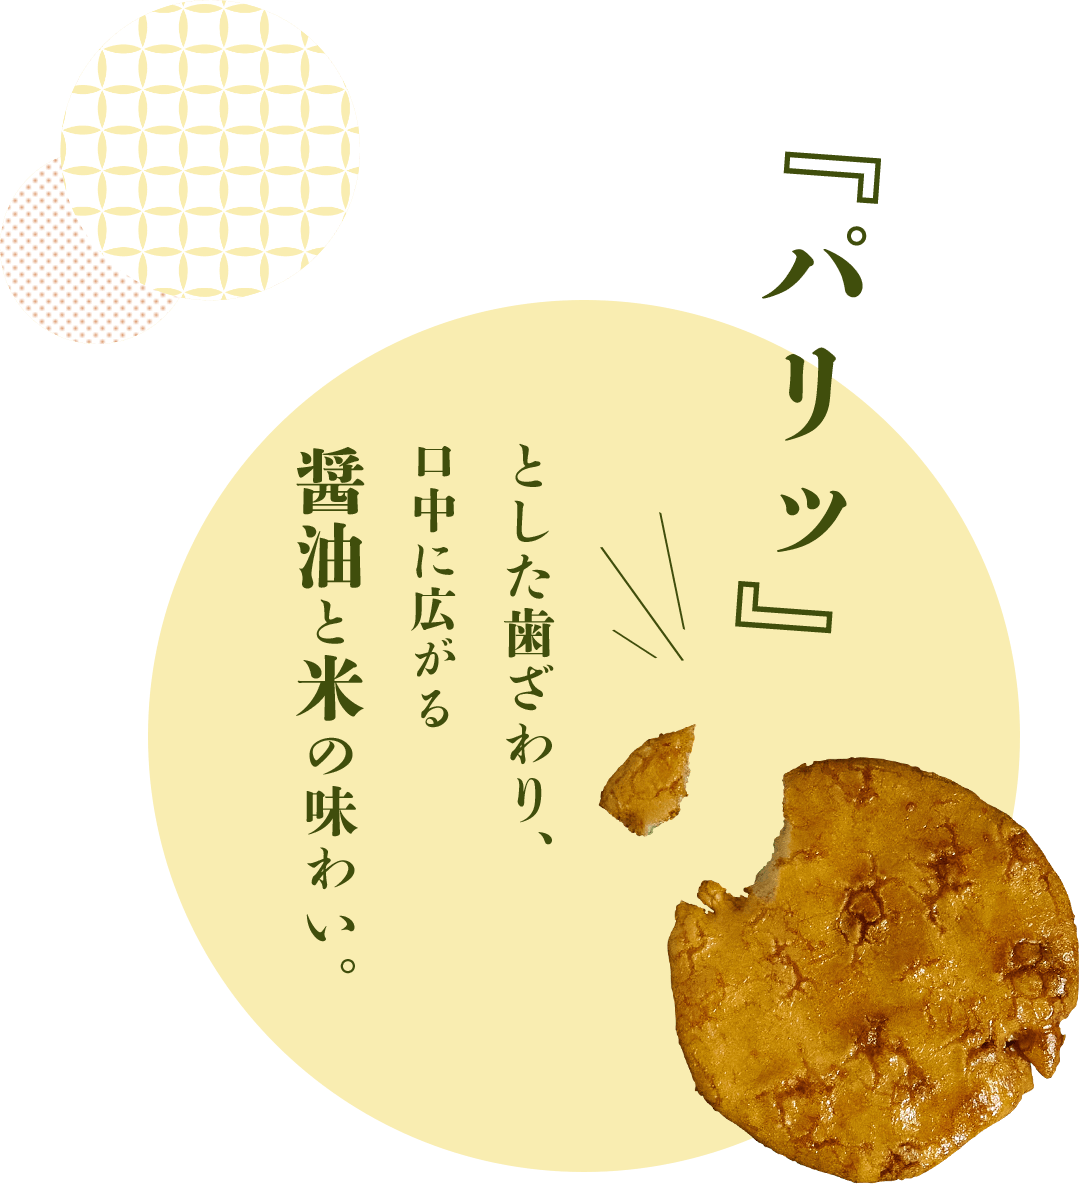 『パリッ』とした歯ざわり、口中に広がる醤油と米の味わい。